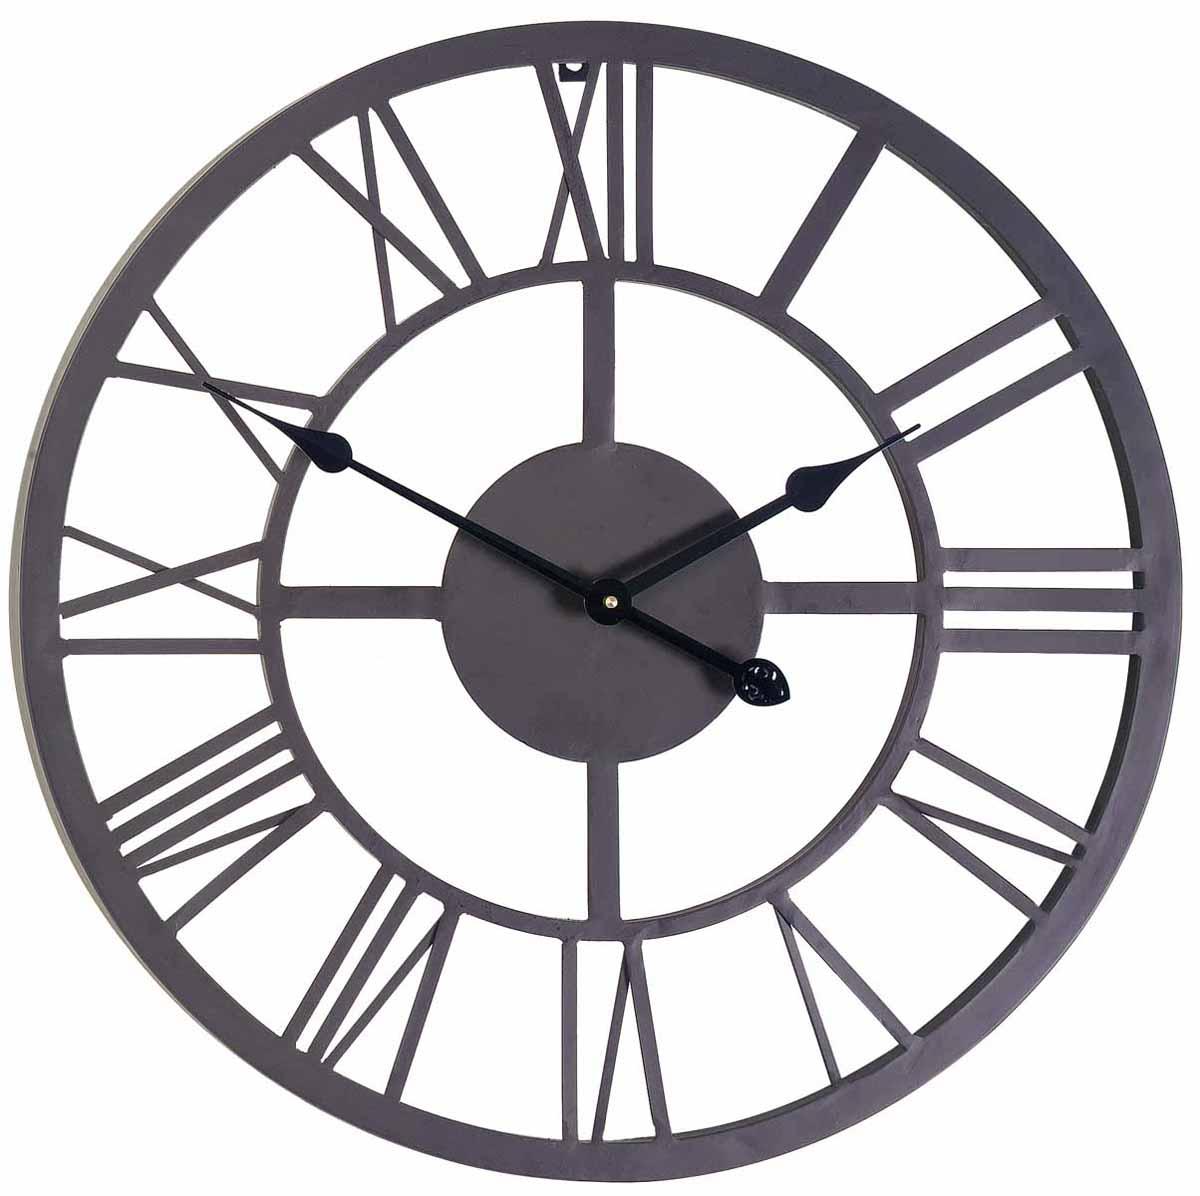 Часы настенные Gardman Римские, цвет: черный, диаметр 56 см. 1717617176Кварцевые настенные часы Gardman Римские перфорированной конструкции выполнены из металла, окрашенного в черный цвет. Такие часы отлично украсят интерьер гостиной, офиса или сада. Подходят для уличного декора. Часы оформлены римскими цифрами и имеют две стрелки - часовую и минутную.Часы Gardman Римские станут замечательным дизайнерским решением для декора сада, дачи или гостиной дома. Характеристики:Материал: металл. Цвет: черный. Диаметр часов: 56 см. Рекомендуется докупить одну батарейку типа АА (в комплект не входит). Товары для садоводства от Gardman - это вещи, сделанные с любовью, с истинноанглийской практичностью, основанной на глубоких традициях садоводстваВеликобритании. Эти товары широко известны садоводам Европы, США, Канады и Японии. Демократичныецены и продуманный ассортимент Gardman завоевал признательность и российскогопокупателя, достойного хороших, качественных вещей. В ассортименте Gardman есть практически все, что нужно современному садоводу - отсовочка для рассады до предметов декора и ландшафтного дизайна.